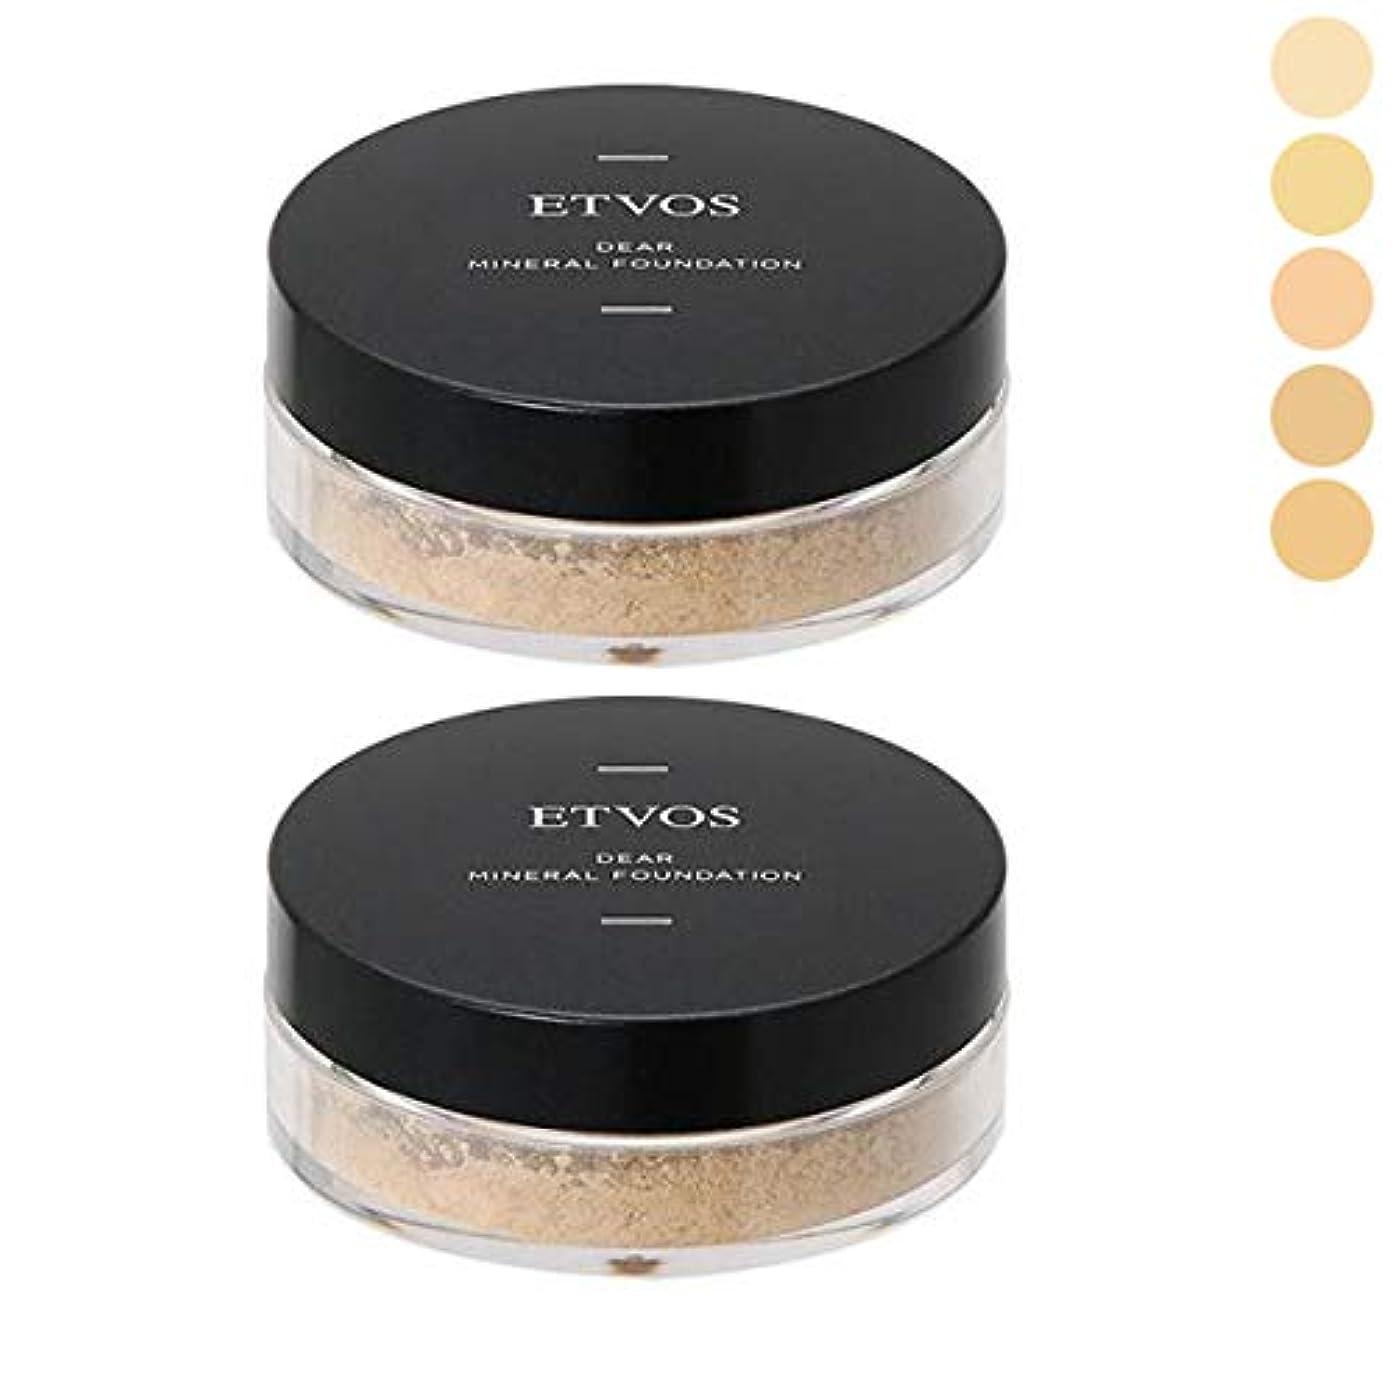 ワーム作るお酢エトヴォス ETVOS ディアミネラルファンデーション SPF25/PA++ 5.5g 【2個セット】 20ピンク系の明るい肌色 (在庫)